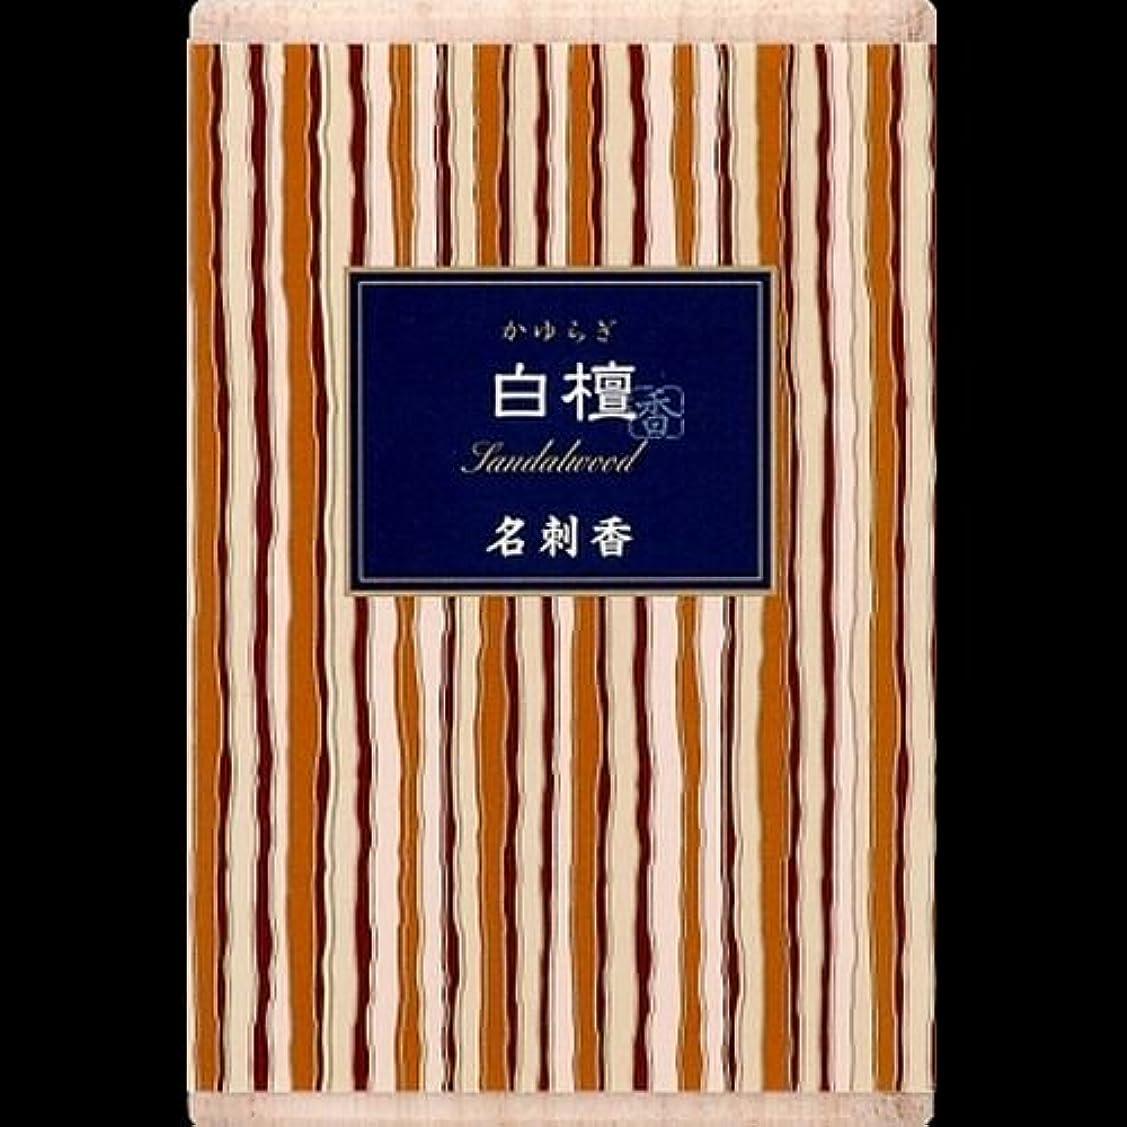 鈍い本部センブランス【まとめ買い】かゆらぎ 白檀 名刺香 桐箱 6入 ×2セット